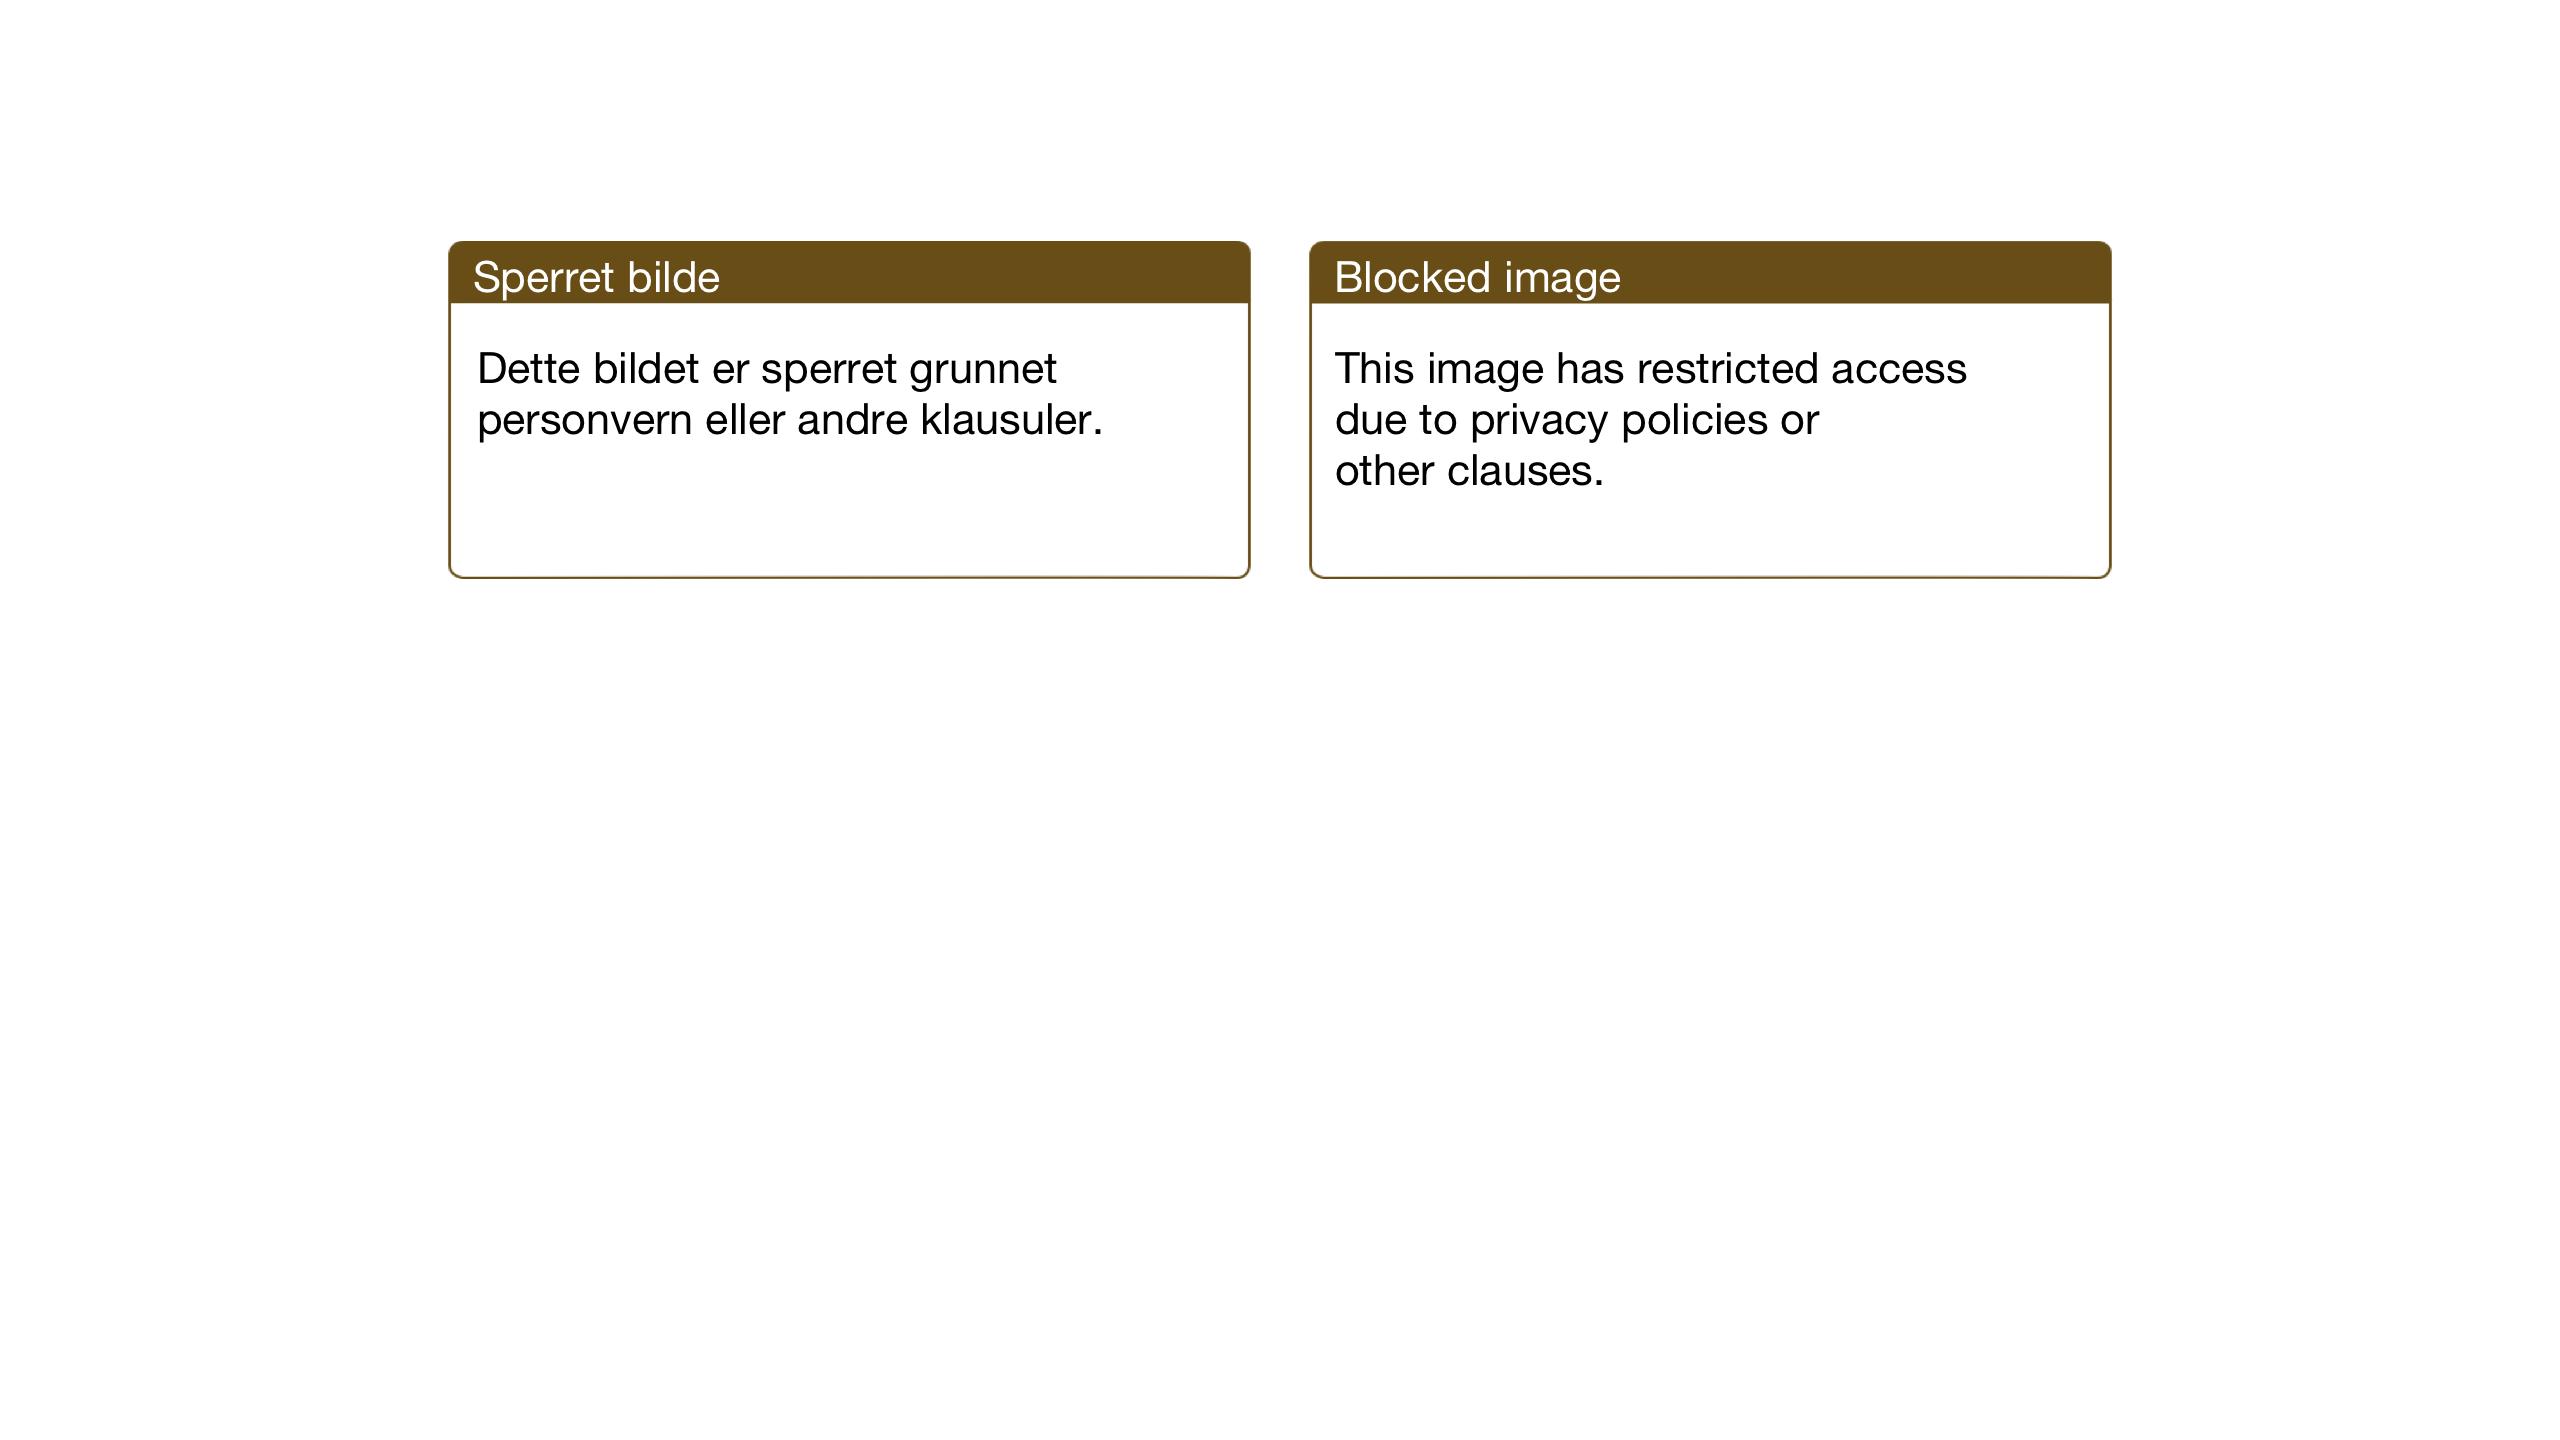 SAT, Ministerialprotokoller, klokkerbøker og fødselsregistre - Nord-Trøndelag, 755/L0500: Klokkerbok nr. 755C01, 1920-1962, s. 17